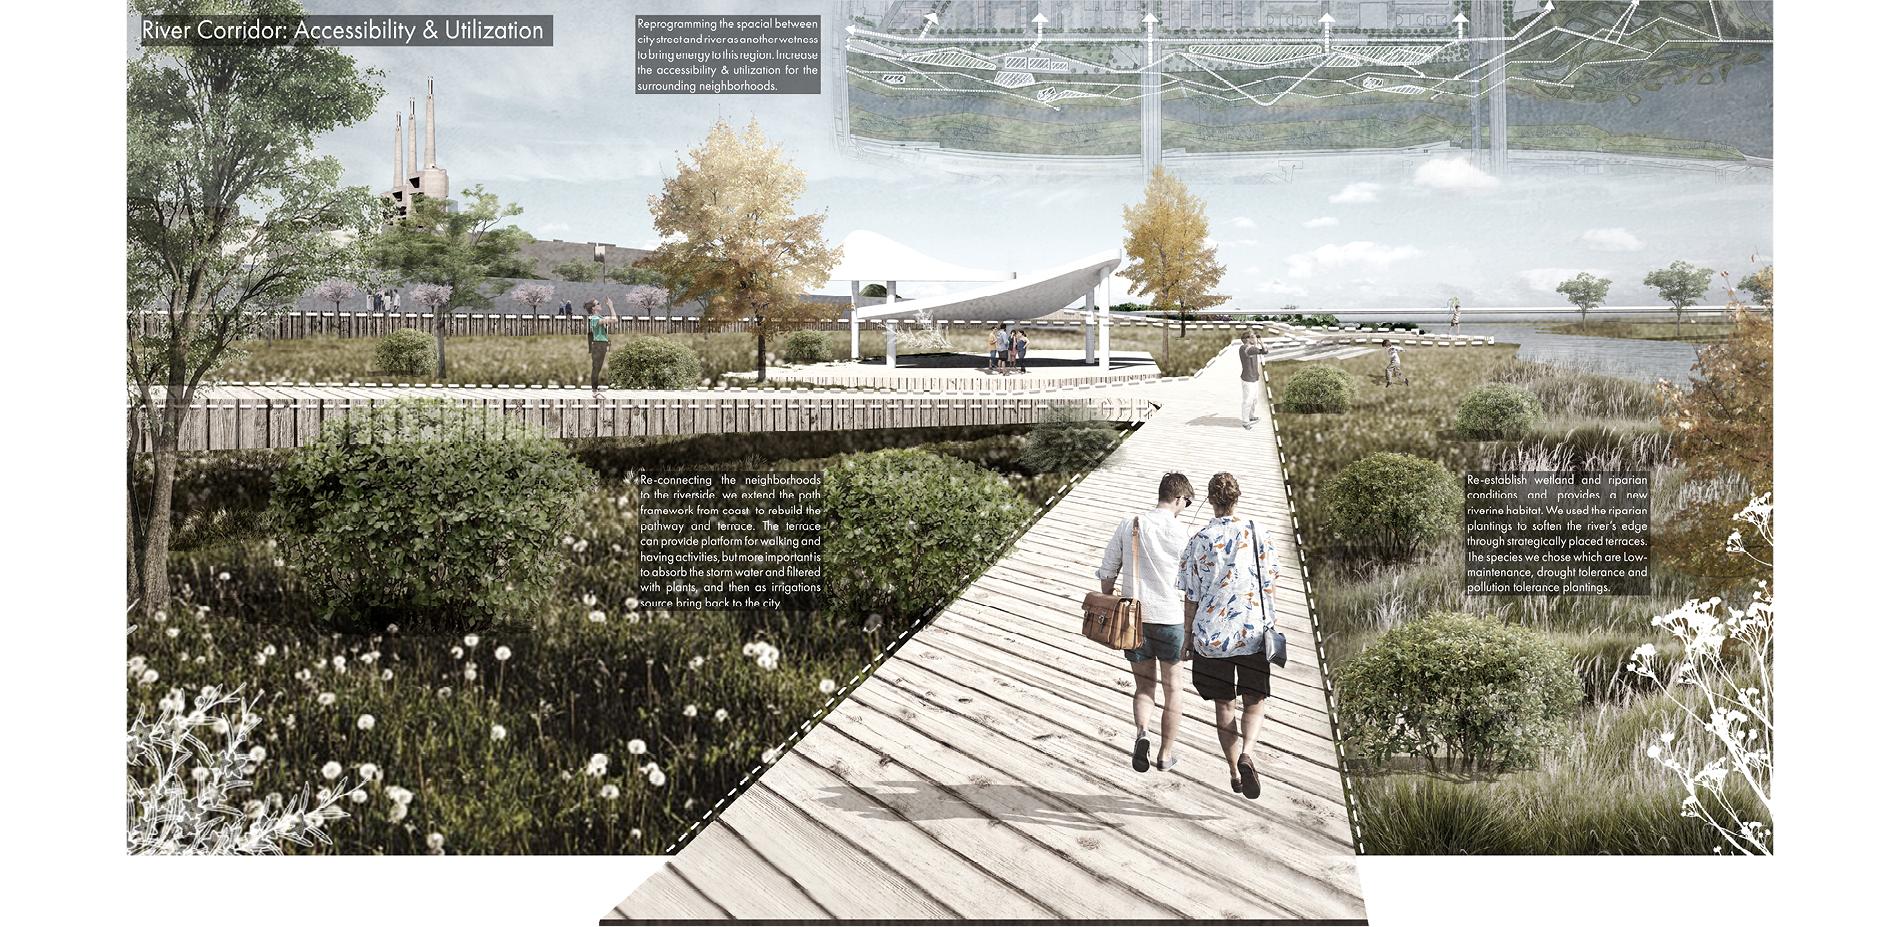 River Corridor: Accessibility & Utilization